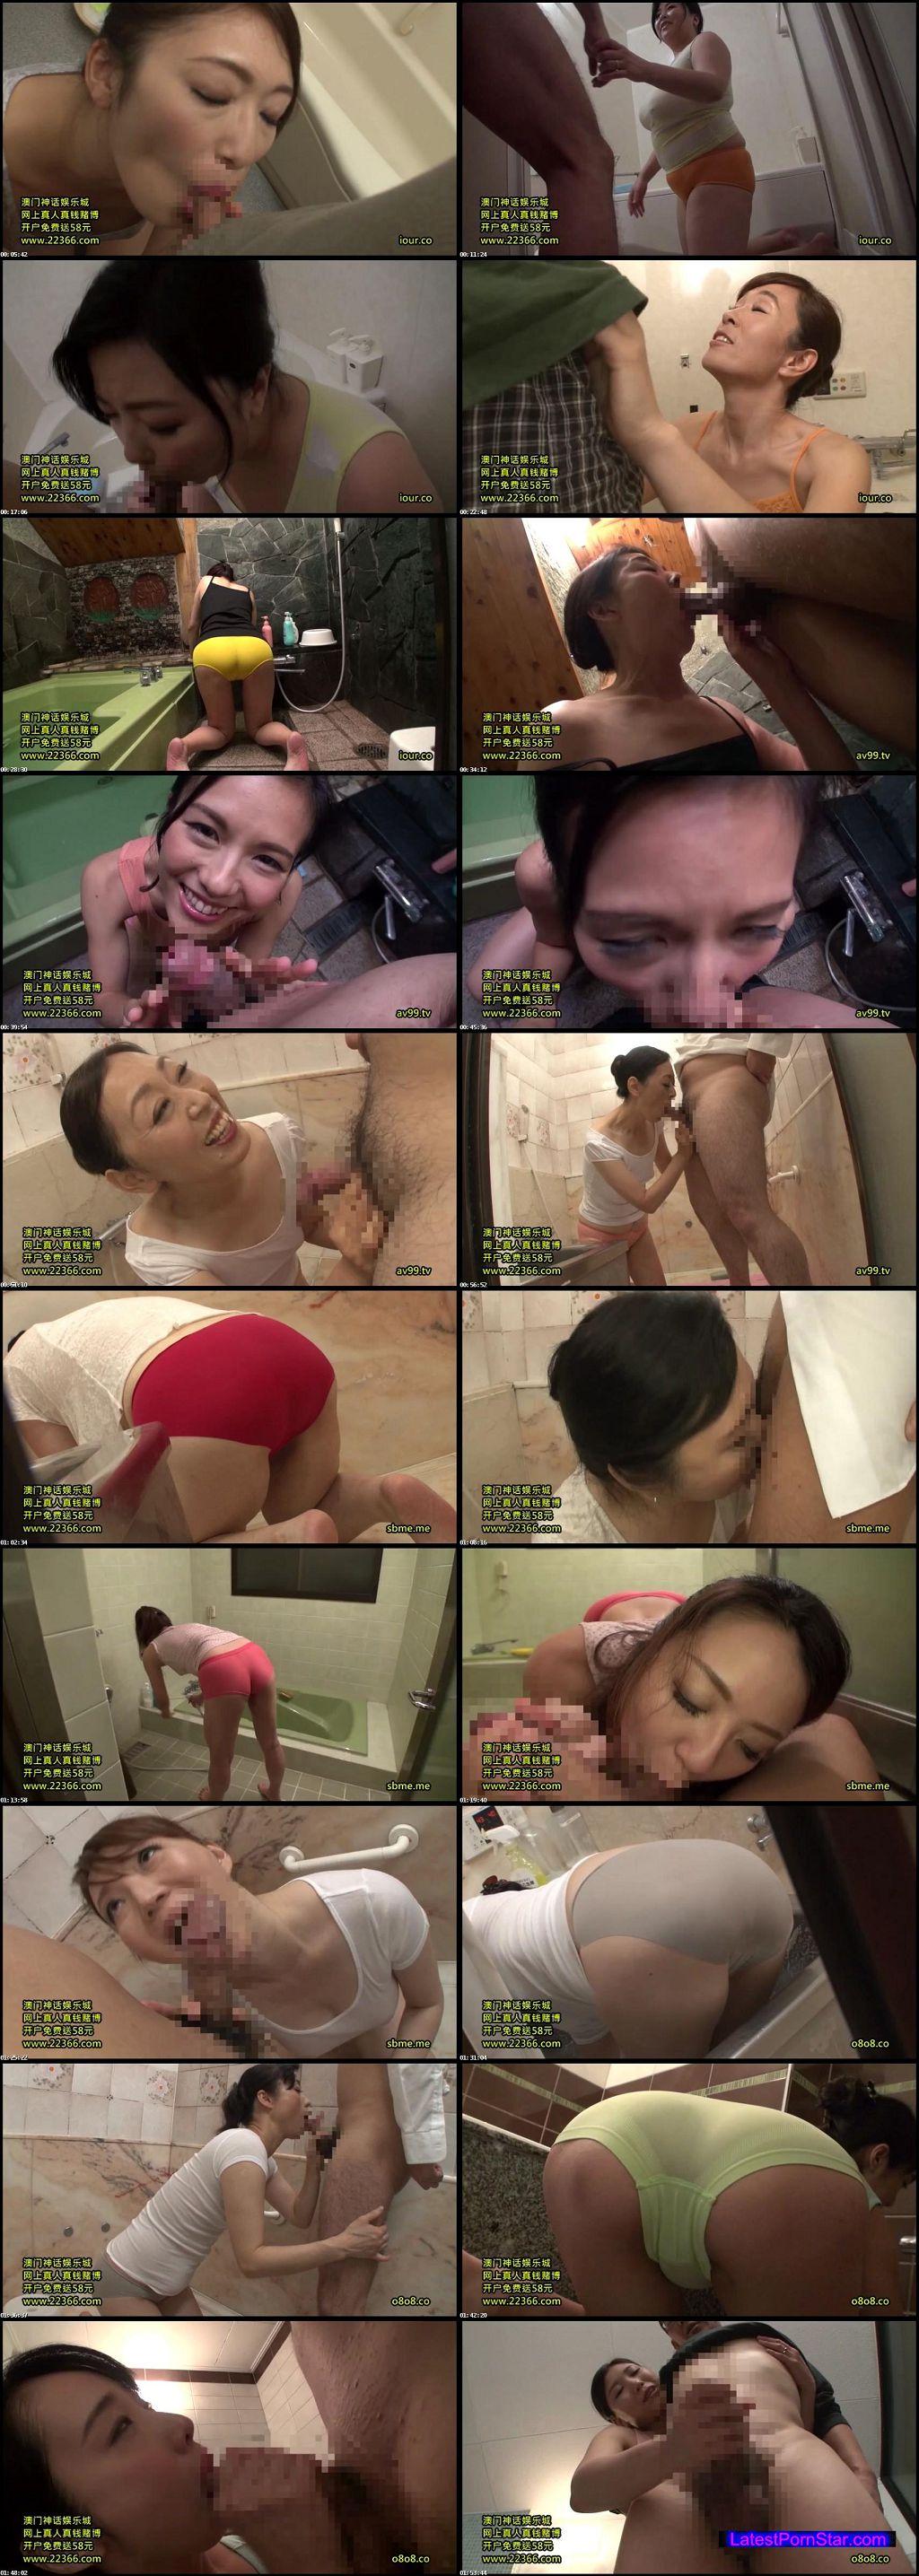 [OTKR-003] 友達の母ちゃんが風呂掃除をしている所を覗いたら僕のチ●ポも洗ってくれた話しwww